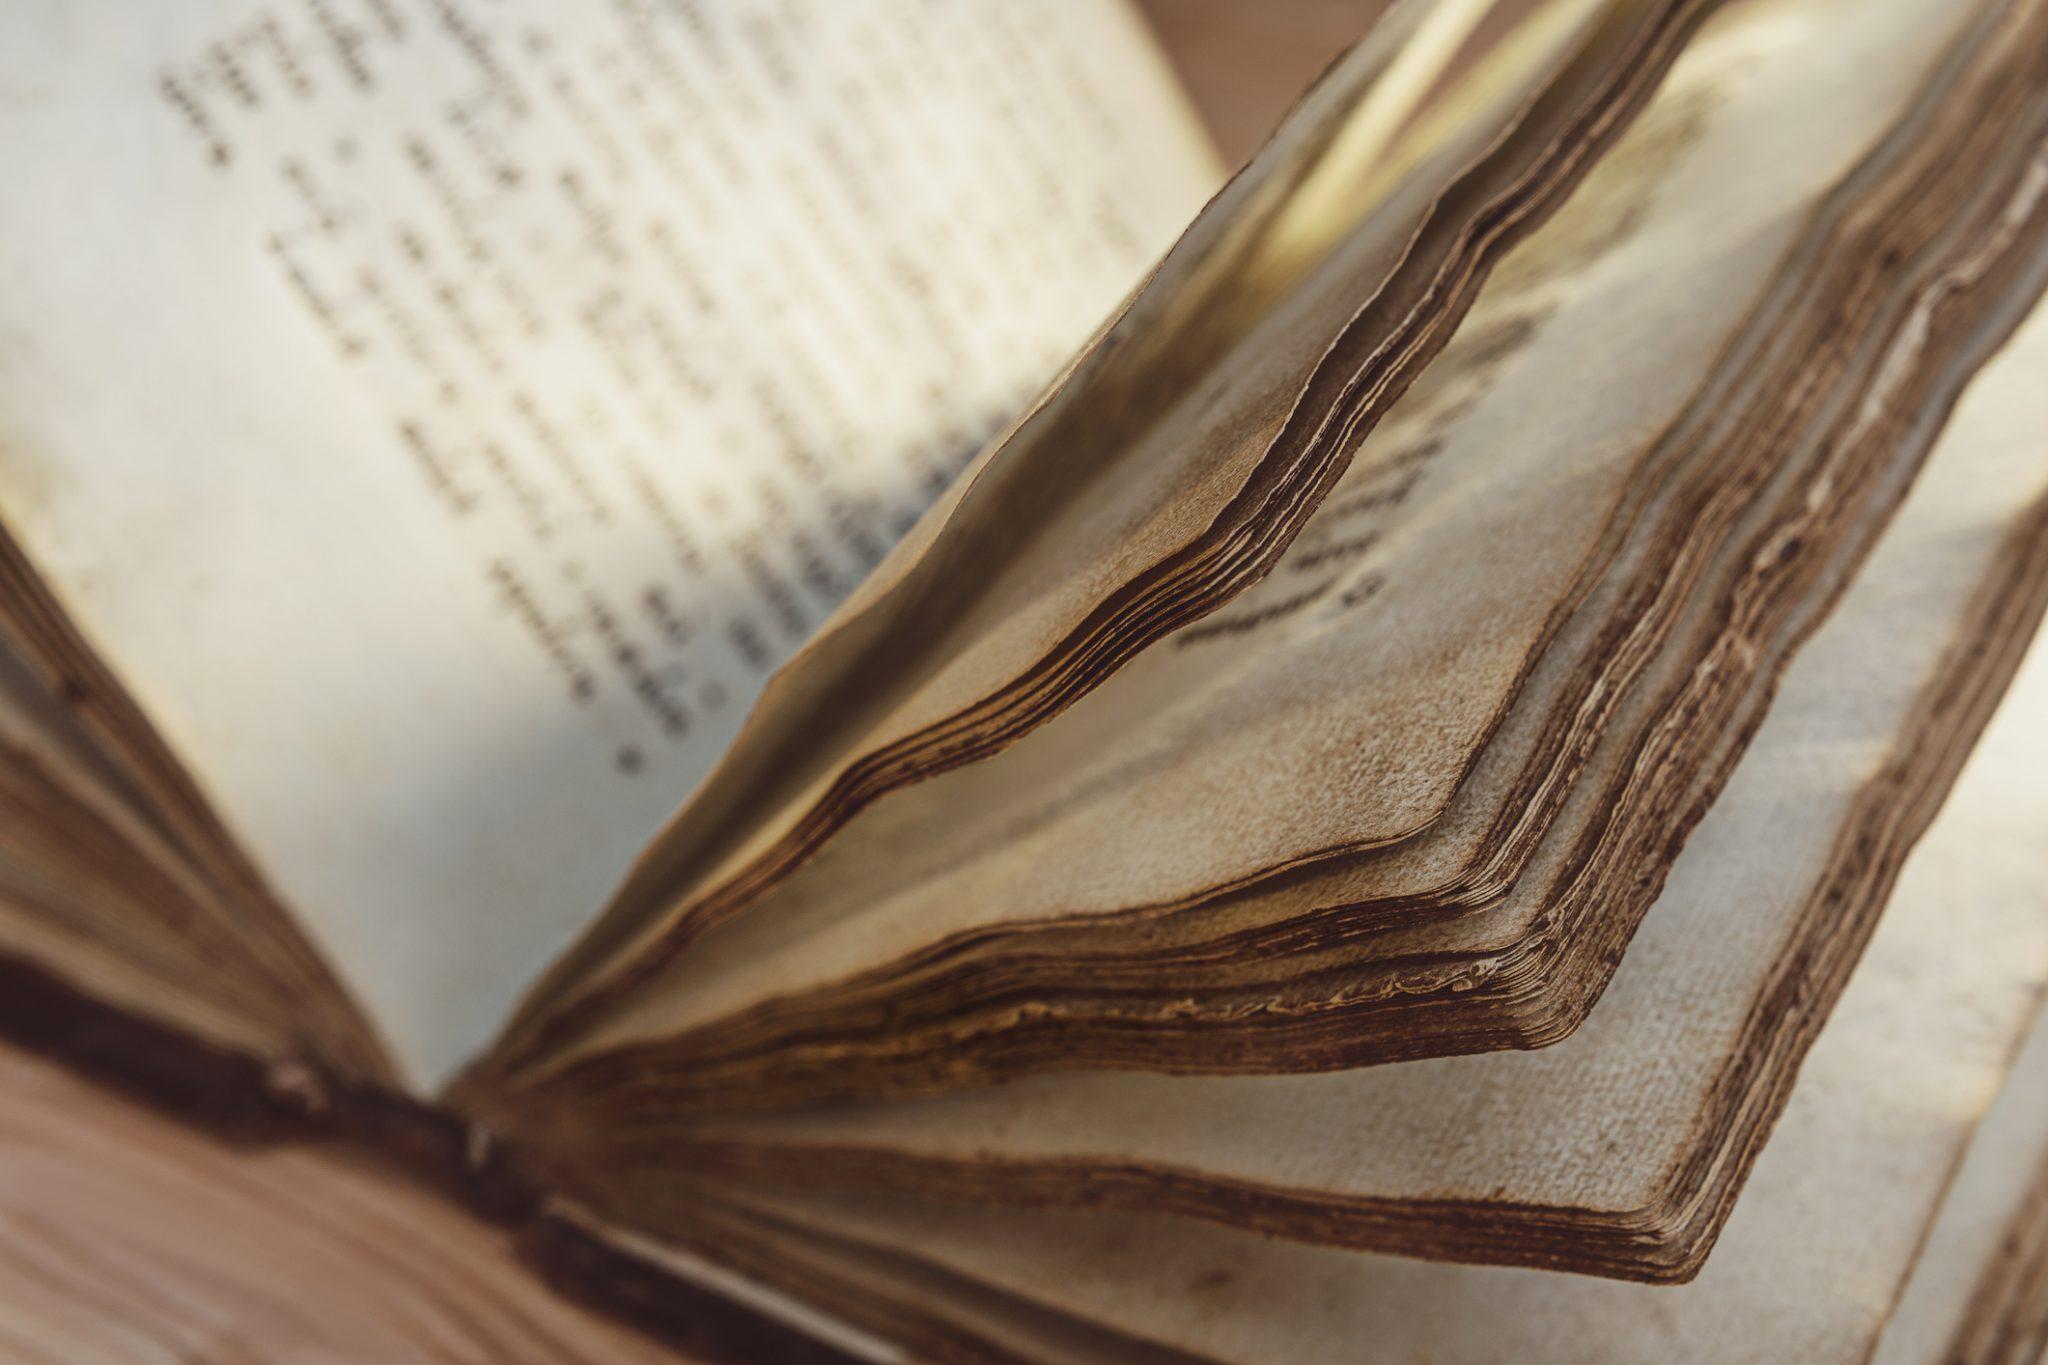 Vieux livre manuscrit